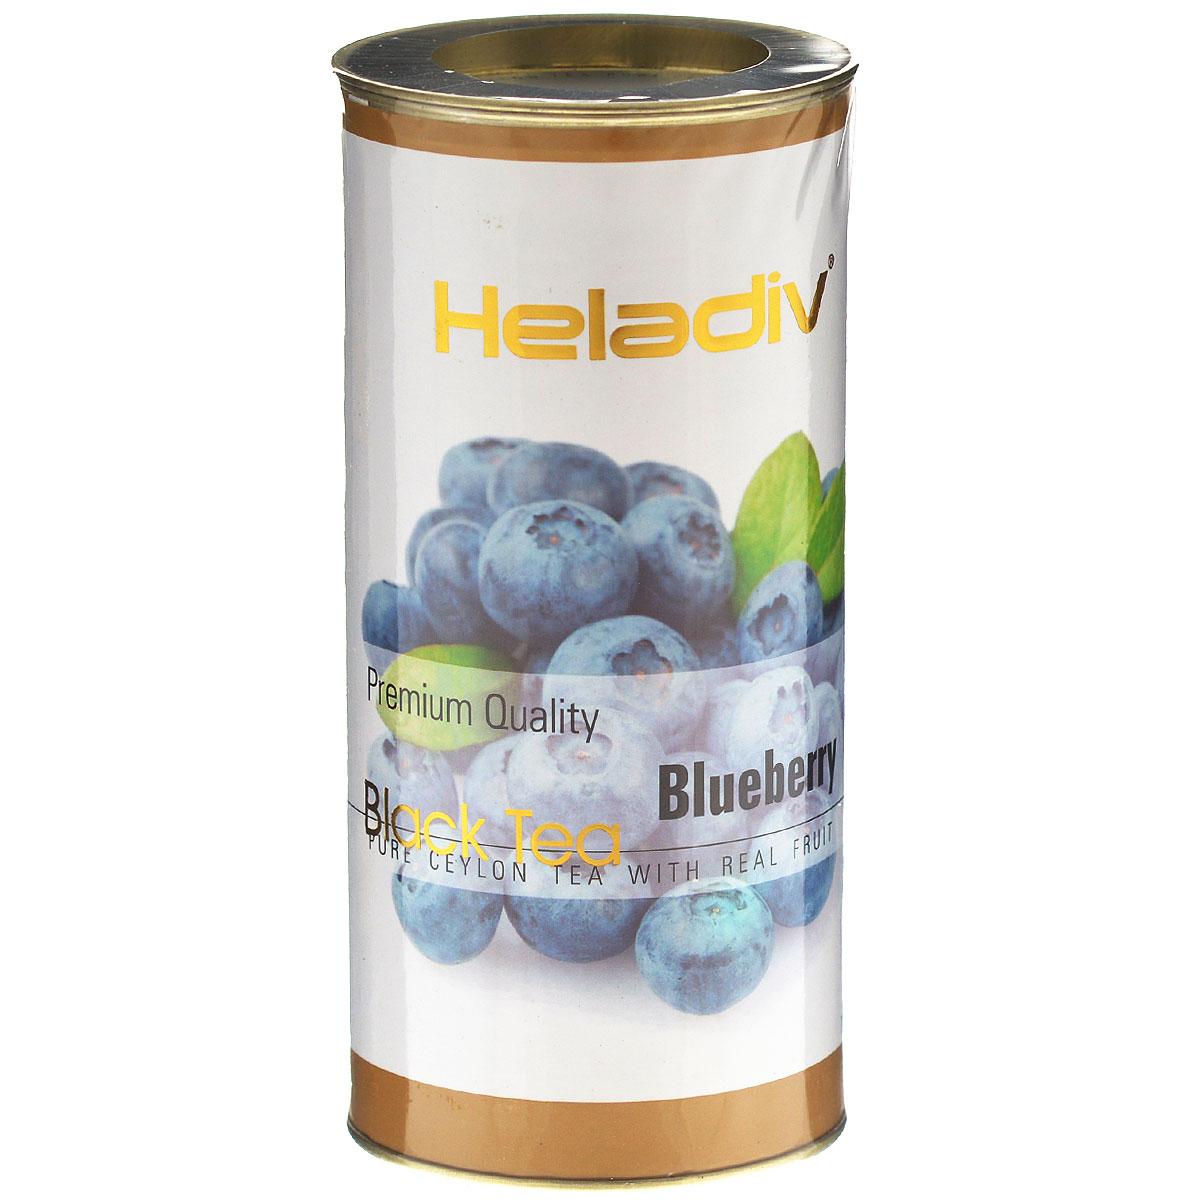 Heladiv Blueberry черный фруктовый чай с черникой, 100 г4791007004912Heladiv Blueberry - настоящий цейлонский черный чай с натуральным ароматизатором черники, кусочками ягод и цветами сафлоры. Помимо великолепного вкуса, черника очень полезна для здоровья организма, ее ягоды содержат много витаминов и минералов. Чай повышает иммунитет, способствует омоложению организма.